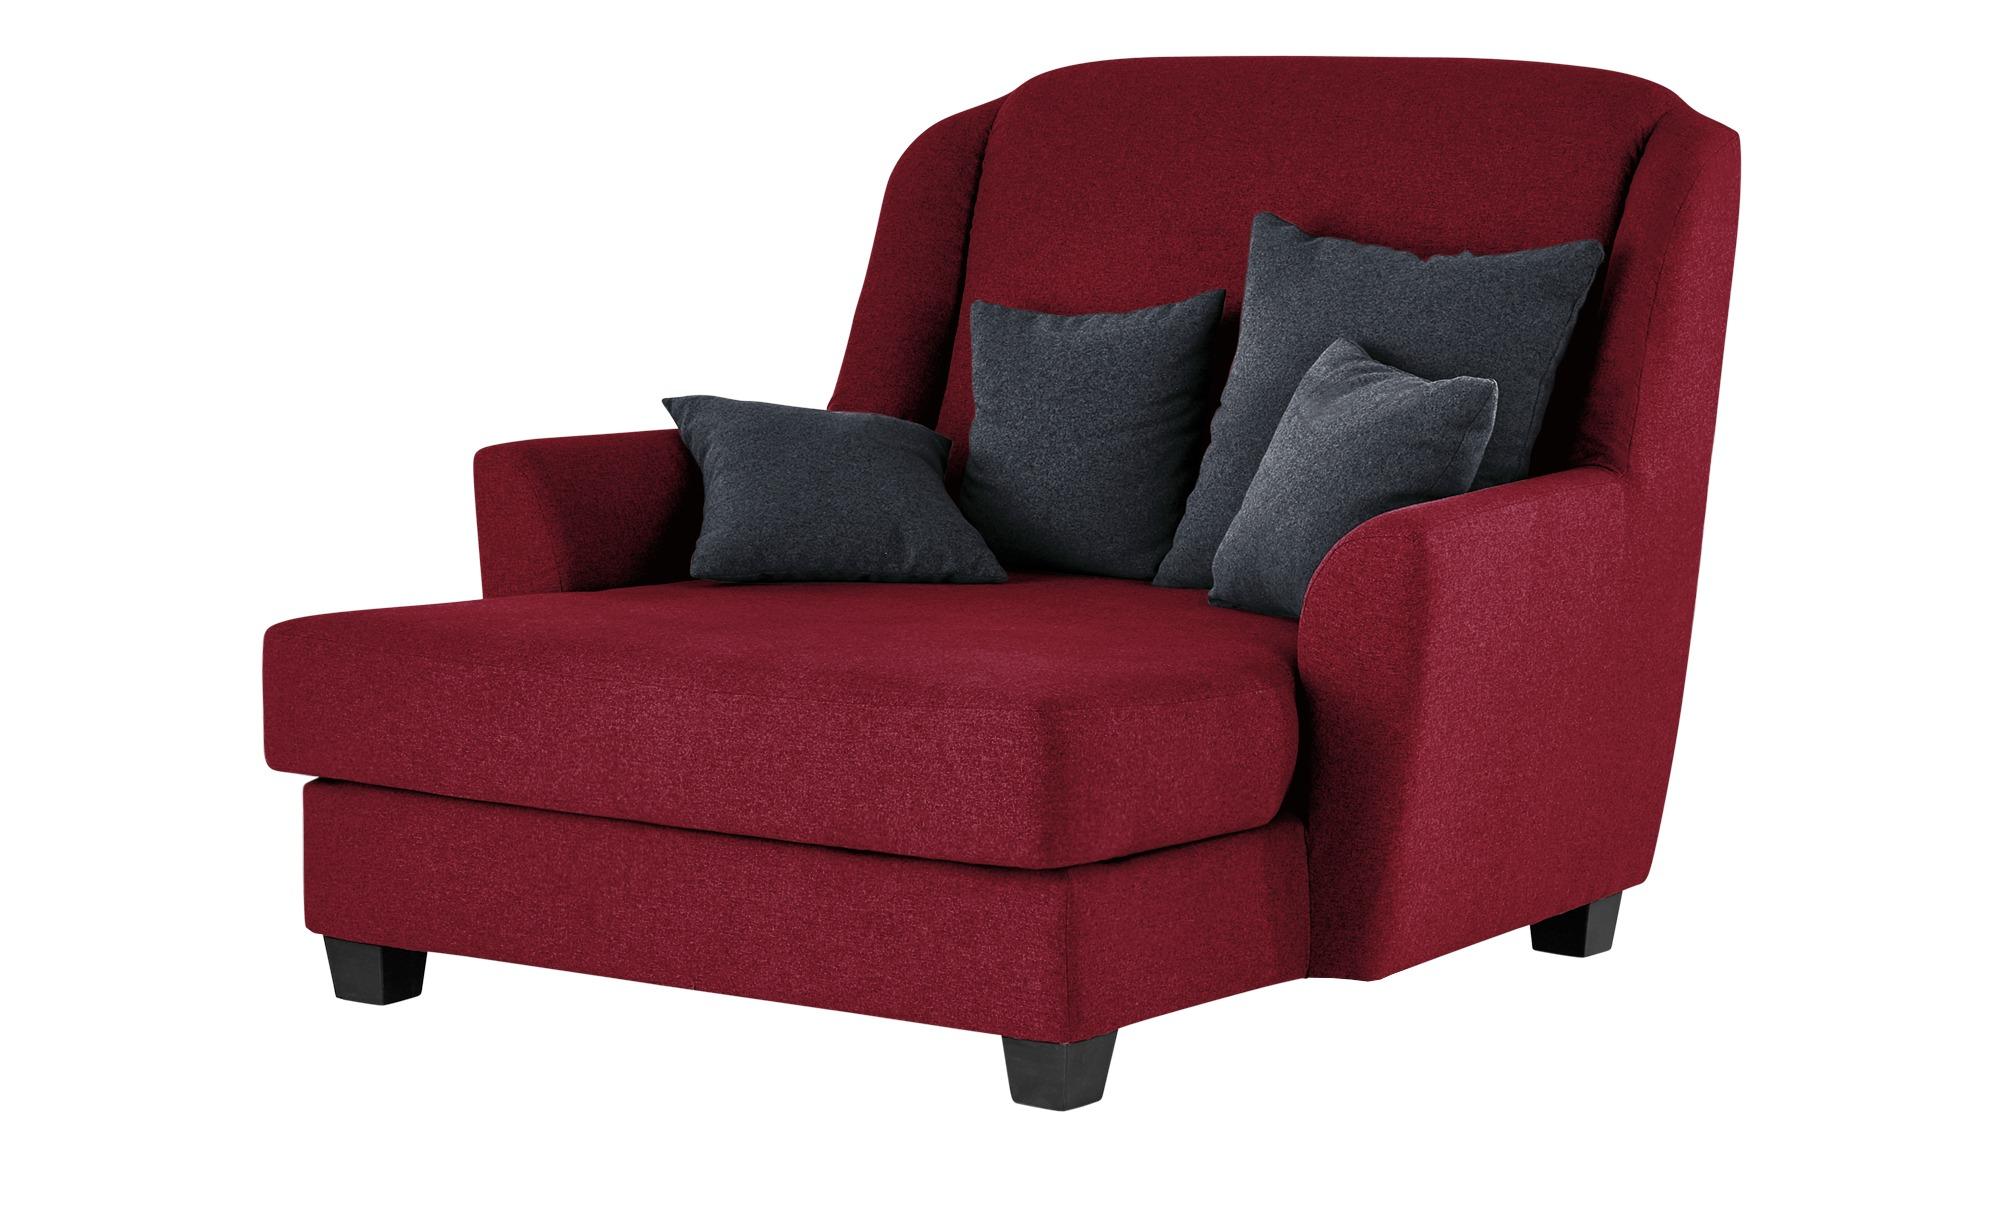 smart Sessel Lisbeth Breite 135 cm Höhe 100 cm rot online kaufen bei WOONIO